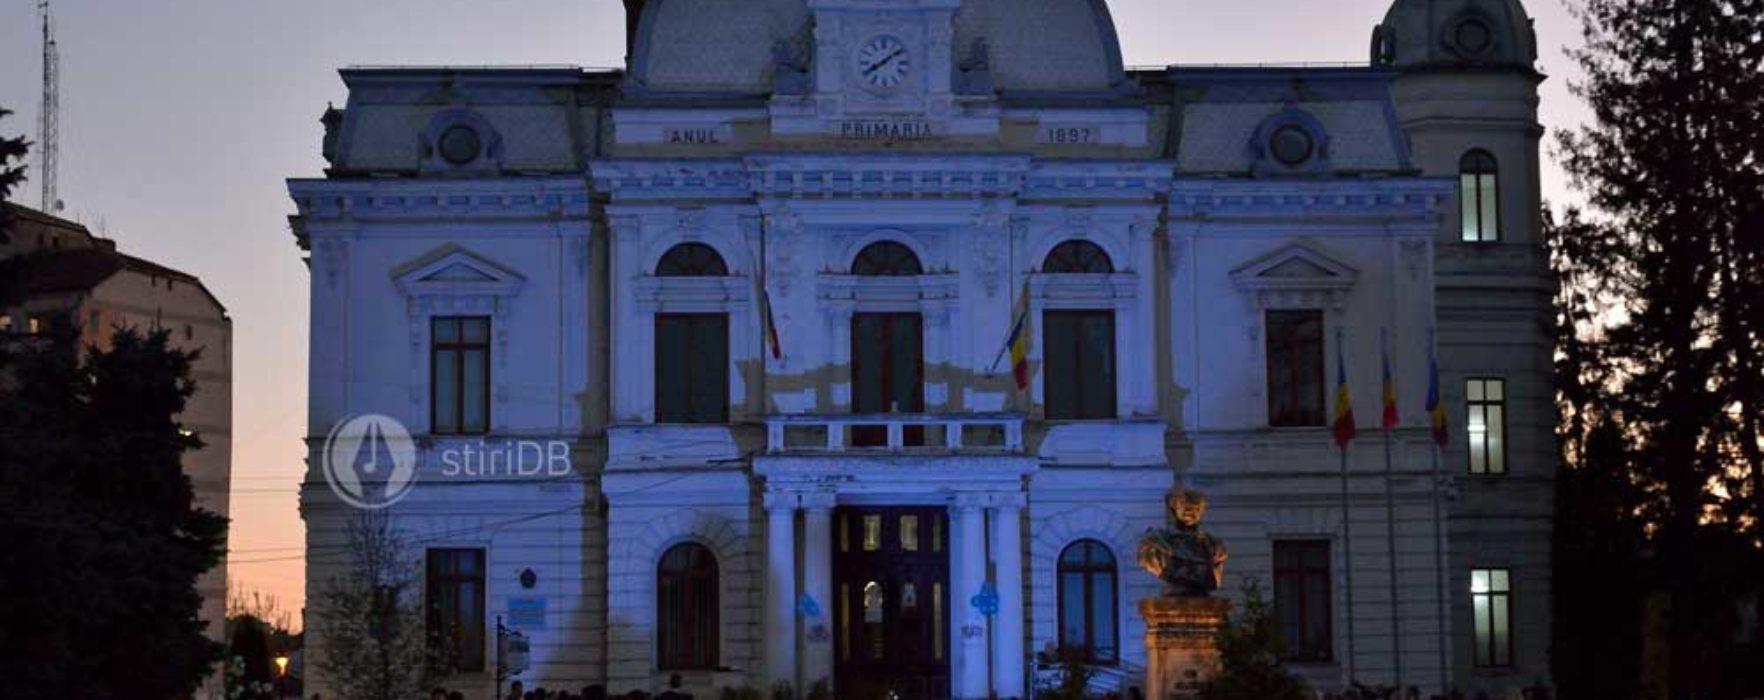 Primăria Târgovişte va fi luminată în albastru, pentru a marca Ziua Internaţională de Conştientizare a Autismului